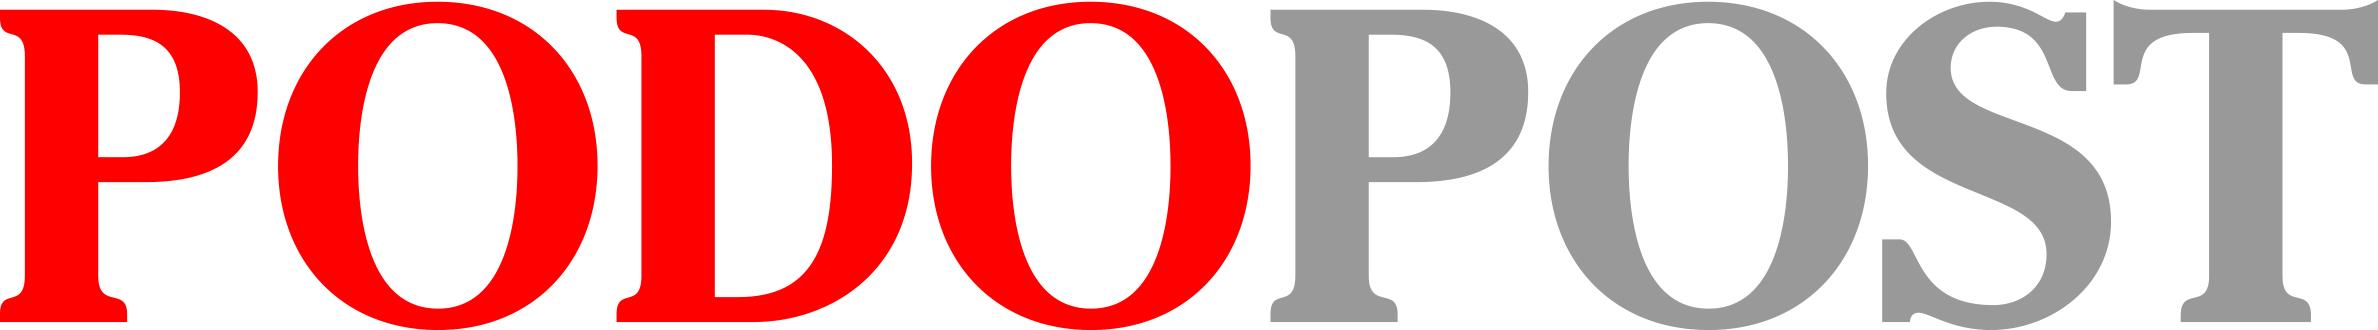 Logo_Podopost